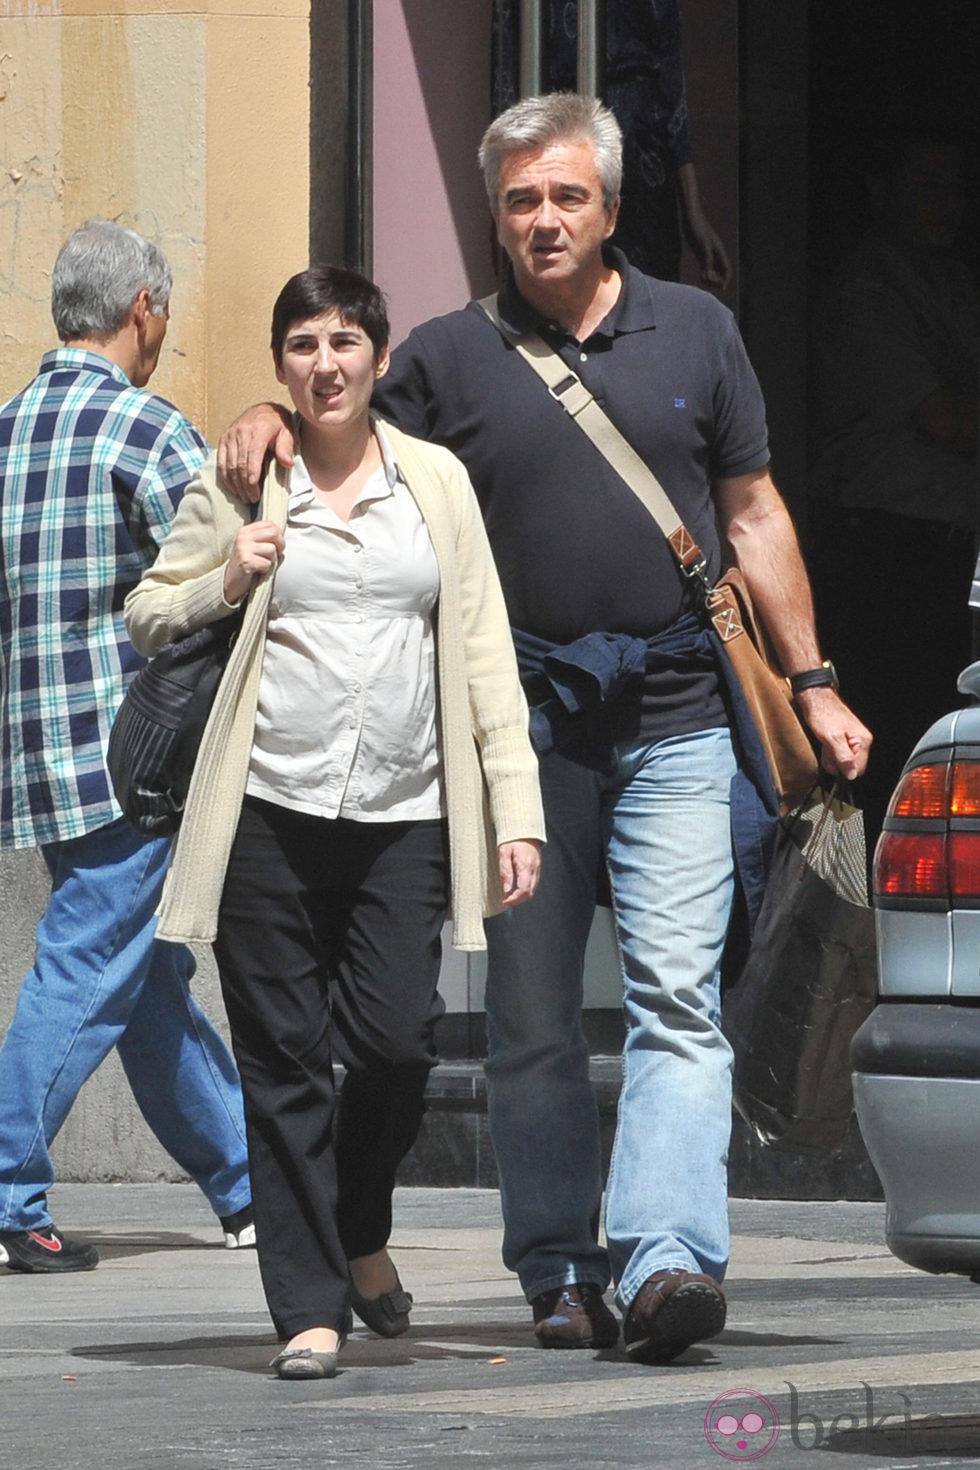 Carles francino y su mujer gema mu oz foto en bekia for Cadena ser francino